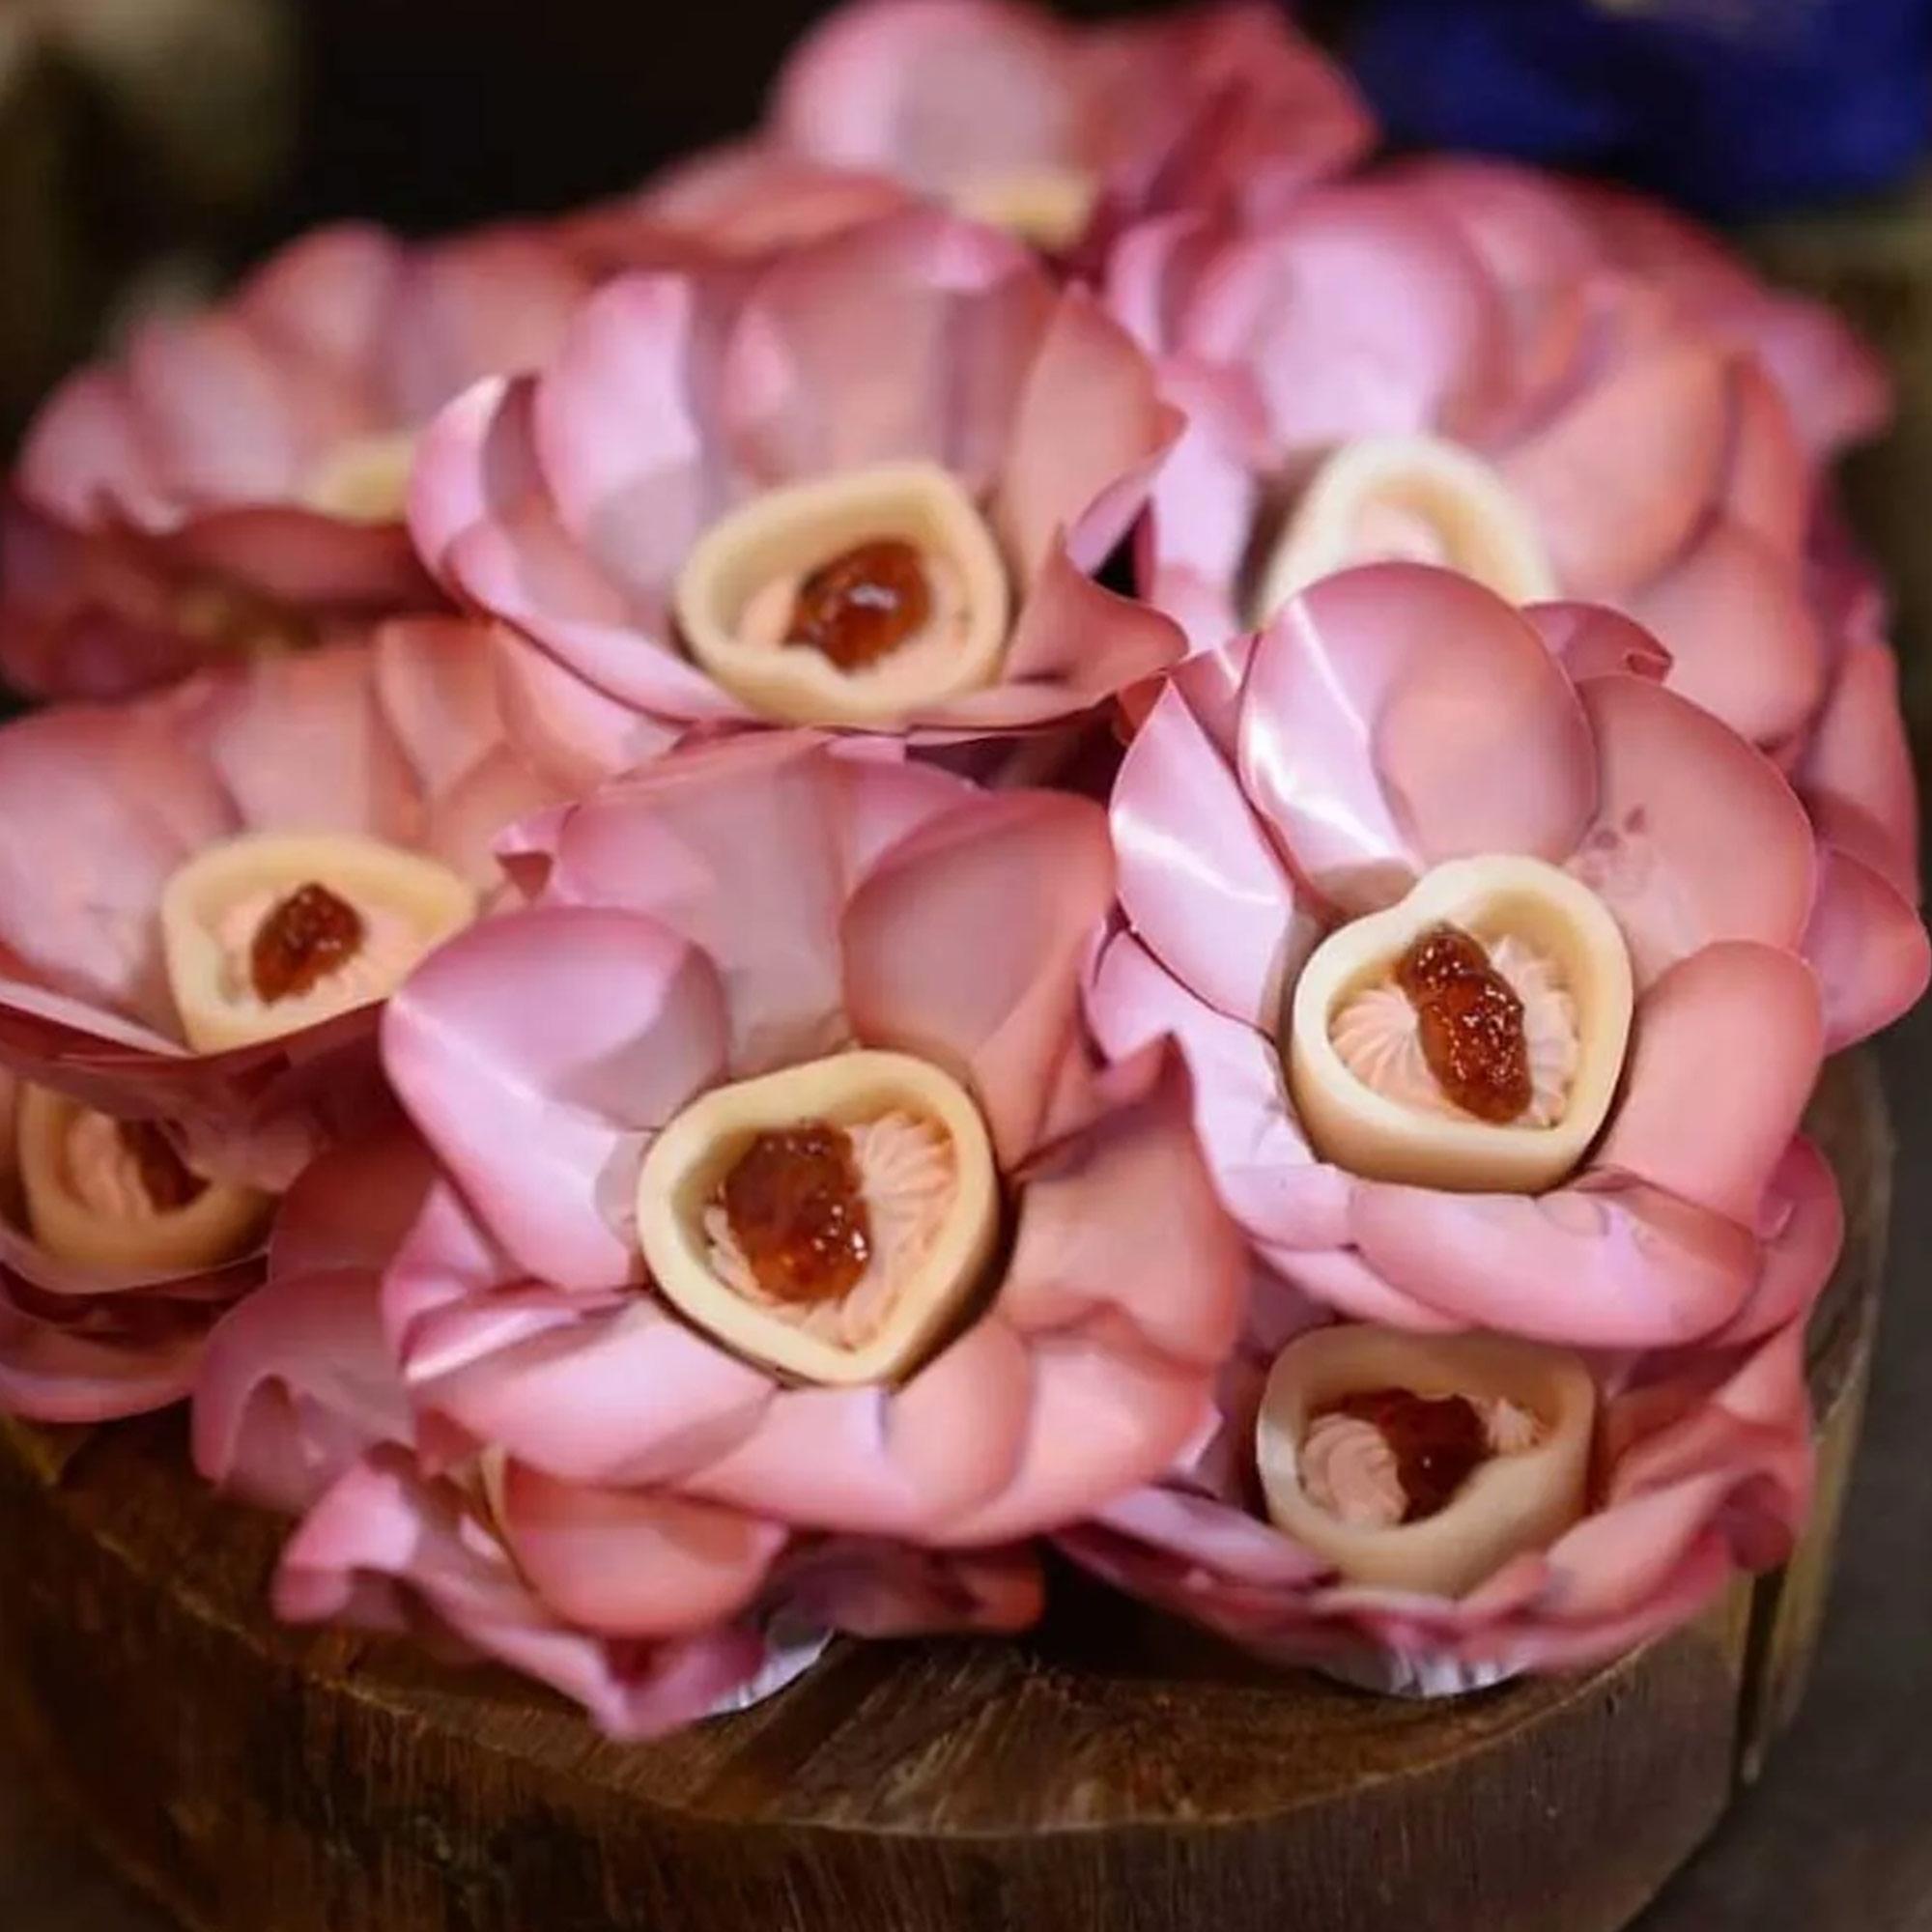 Forminha para Doces Margarida em Papel Especial Floral Rosa Chá Kit 40 Unidades